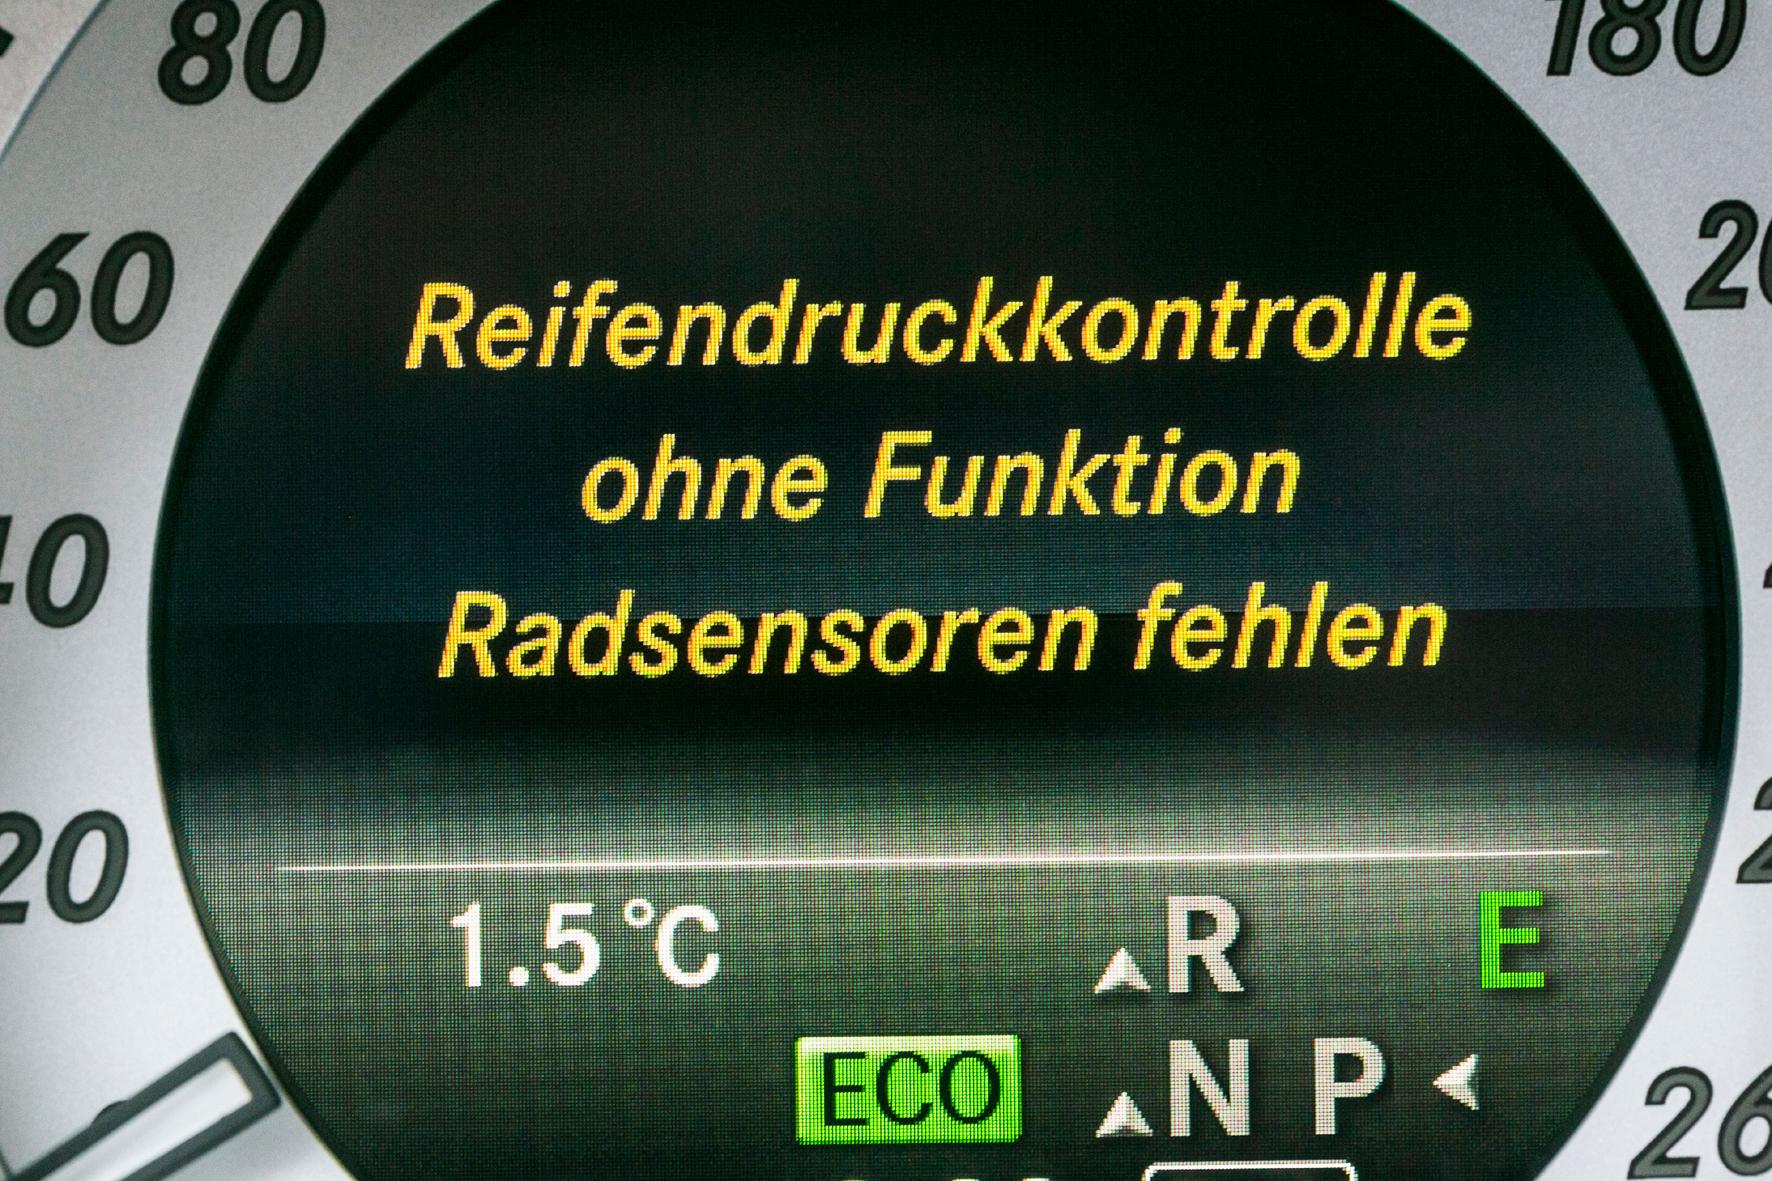 mid Düsseldorf - Bei dieser Meldung sollten bei Autofahrern alle Alarmglocken ertönen. Wer mit nicht funktionstüchtiger Reifendruck-Kontrolle fährt, riskiert nicht nur ein Bußgeld, sondern auch, dass andere Sicherheitssysteme nicht korrekt funktionieren.